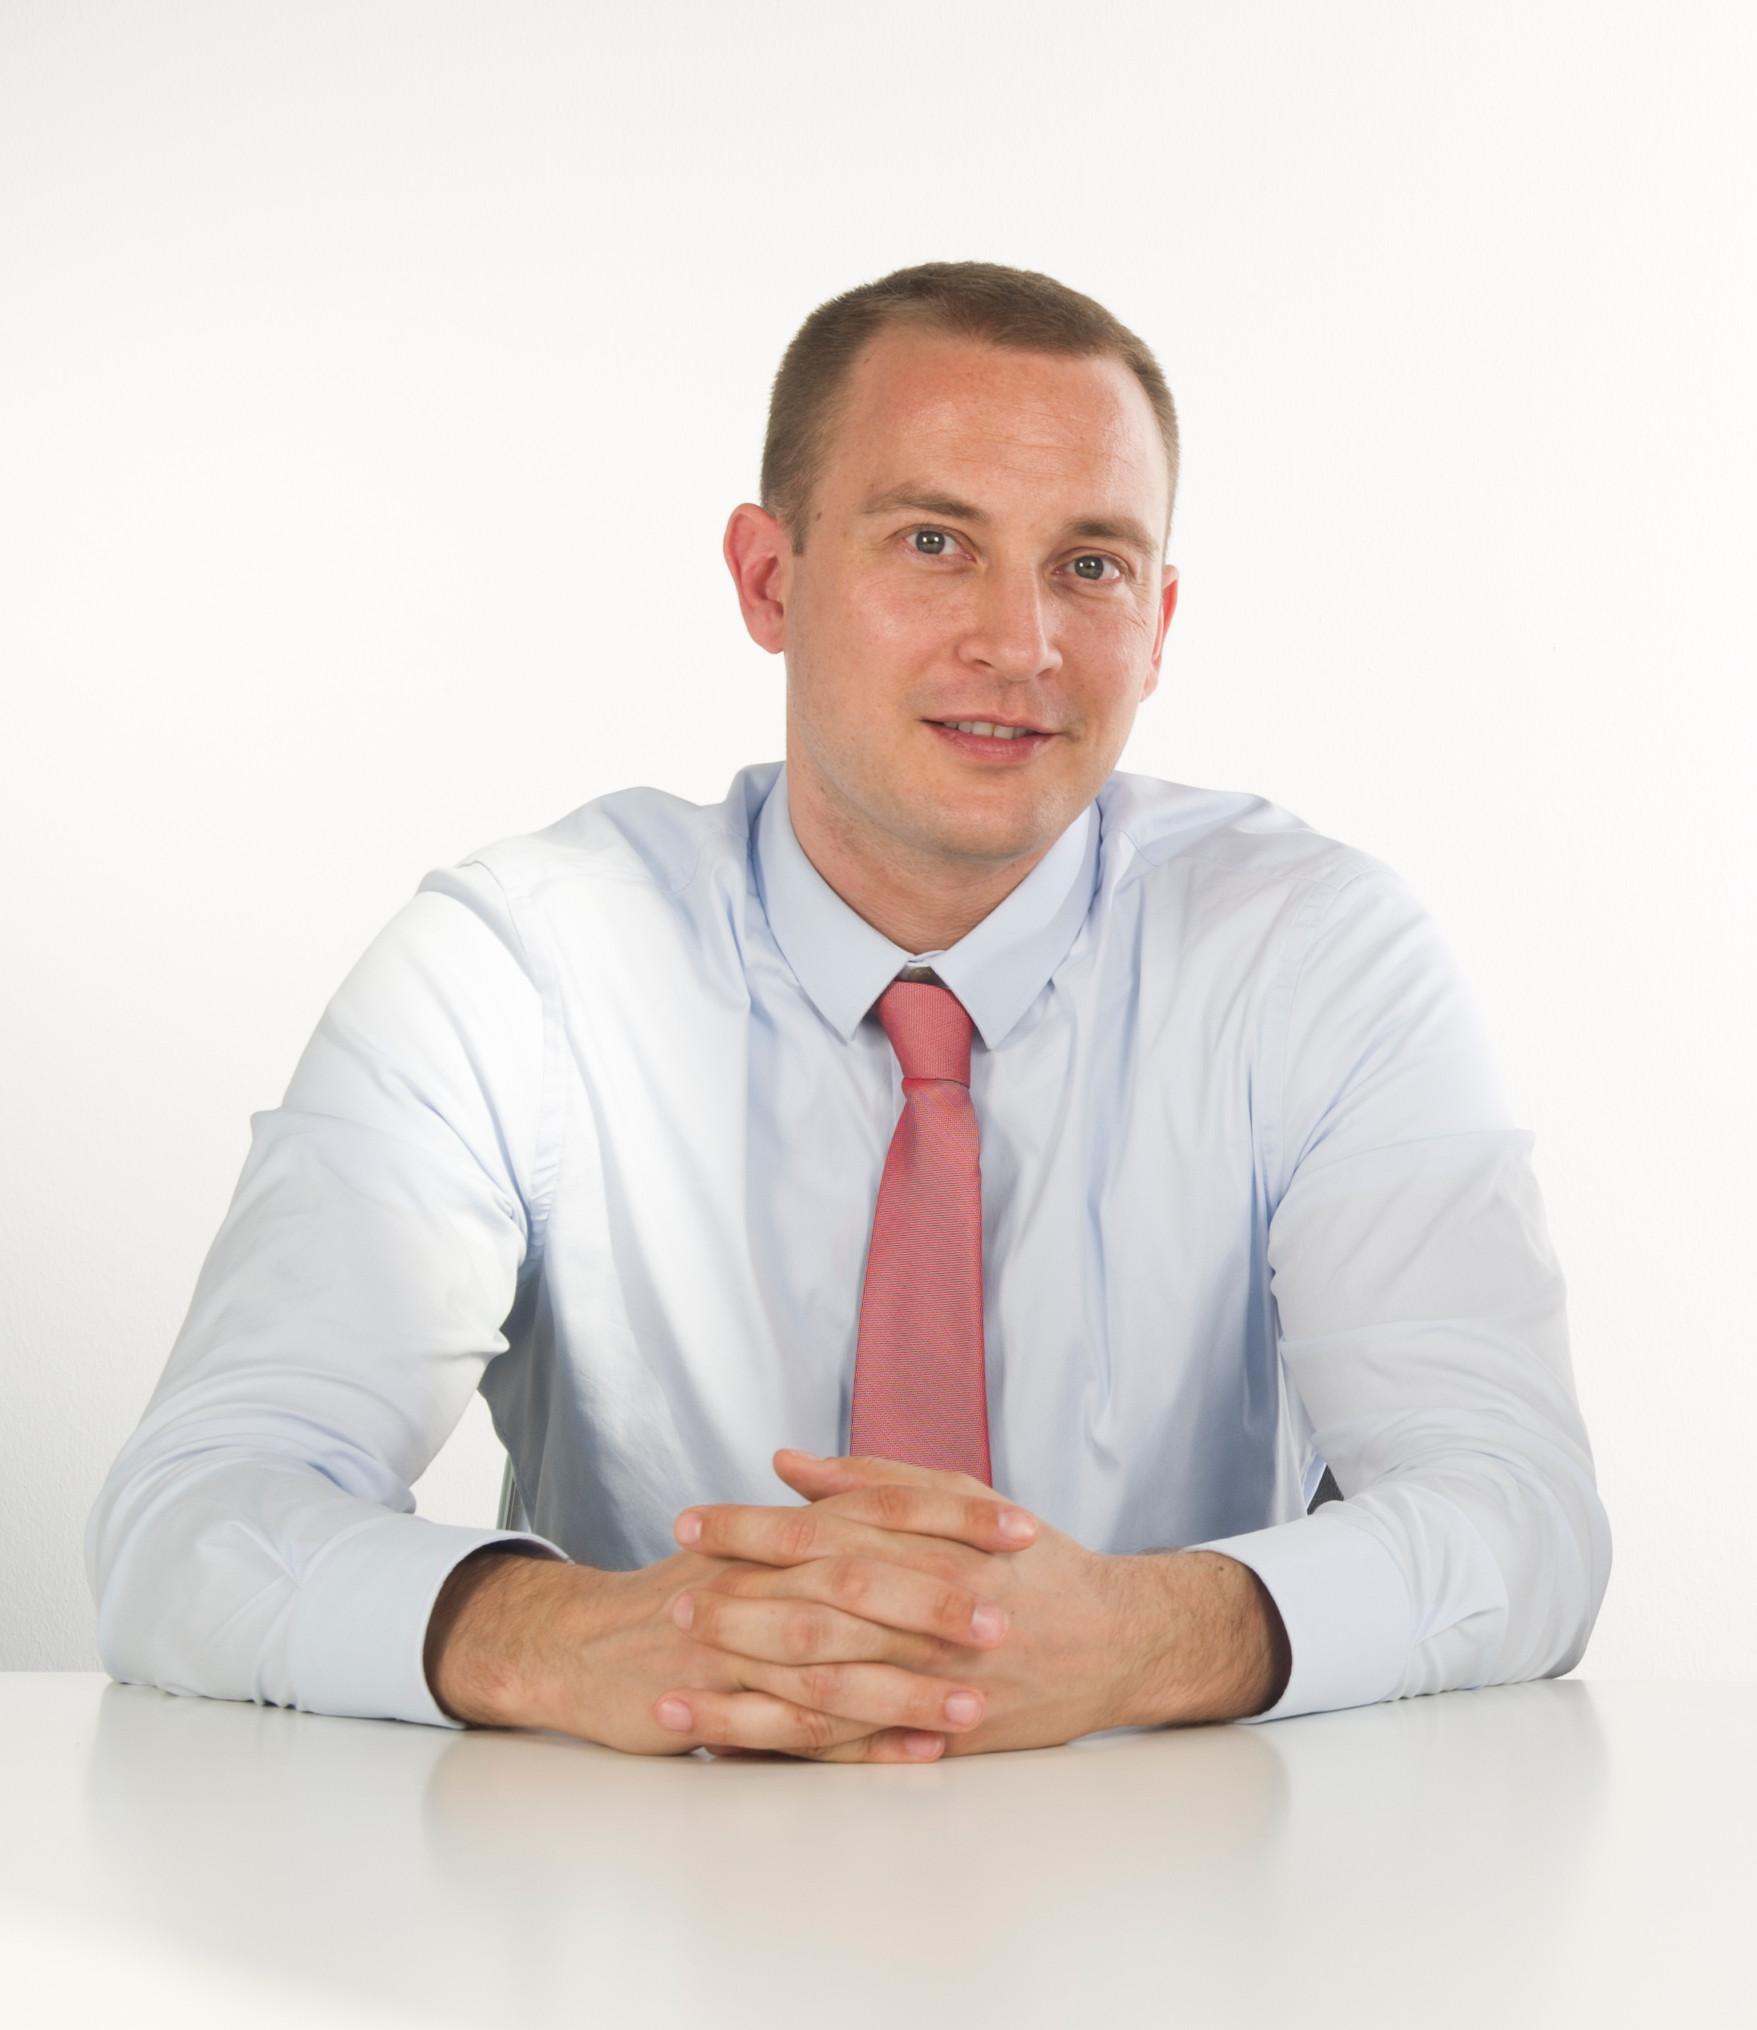 Daniel Raimer